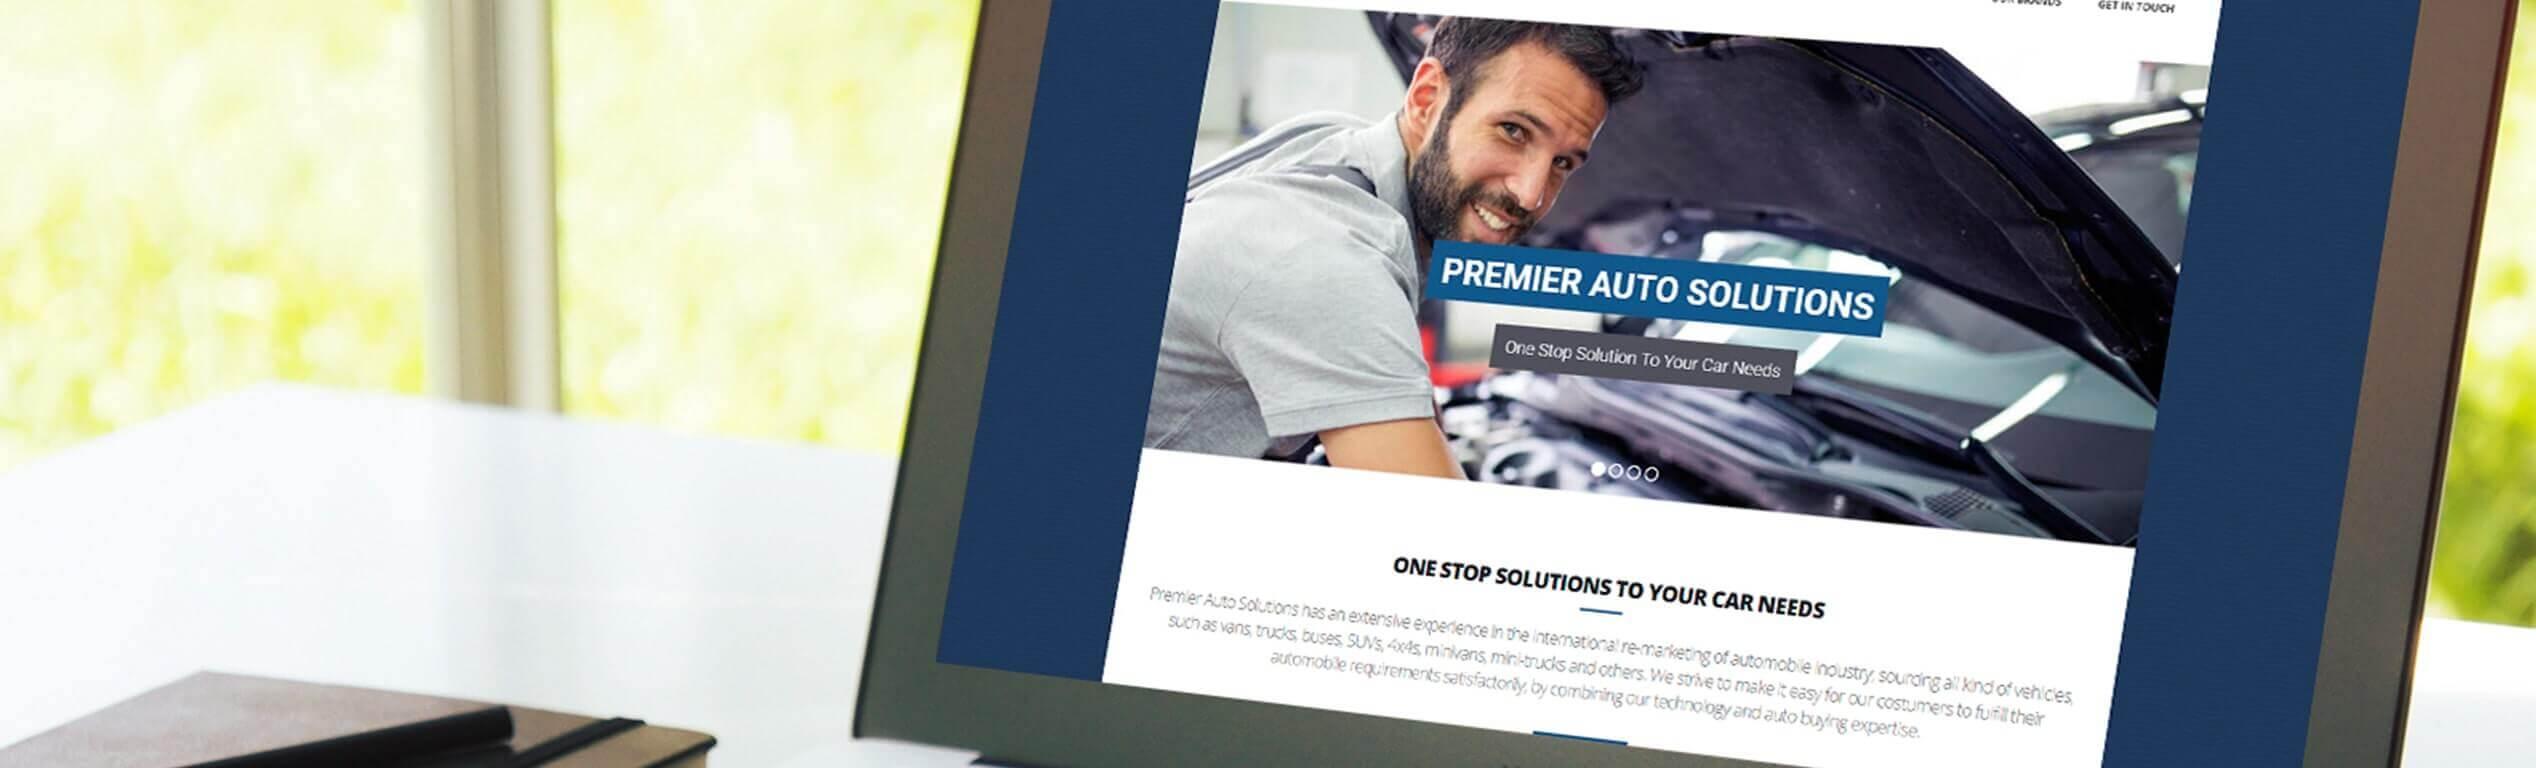 Premier Auto Solutions